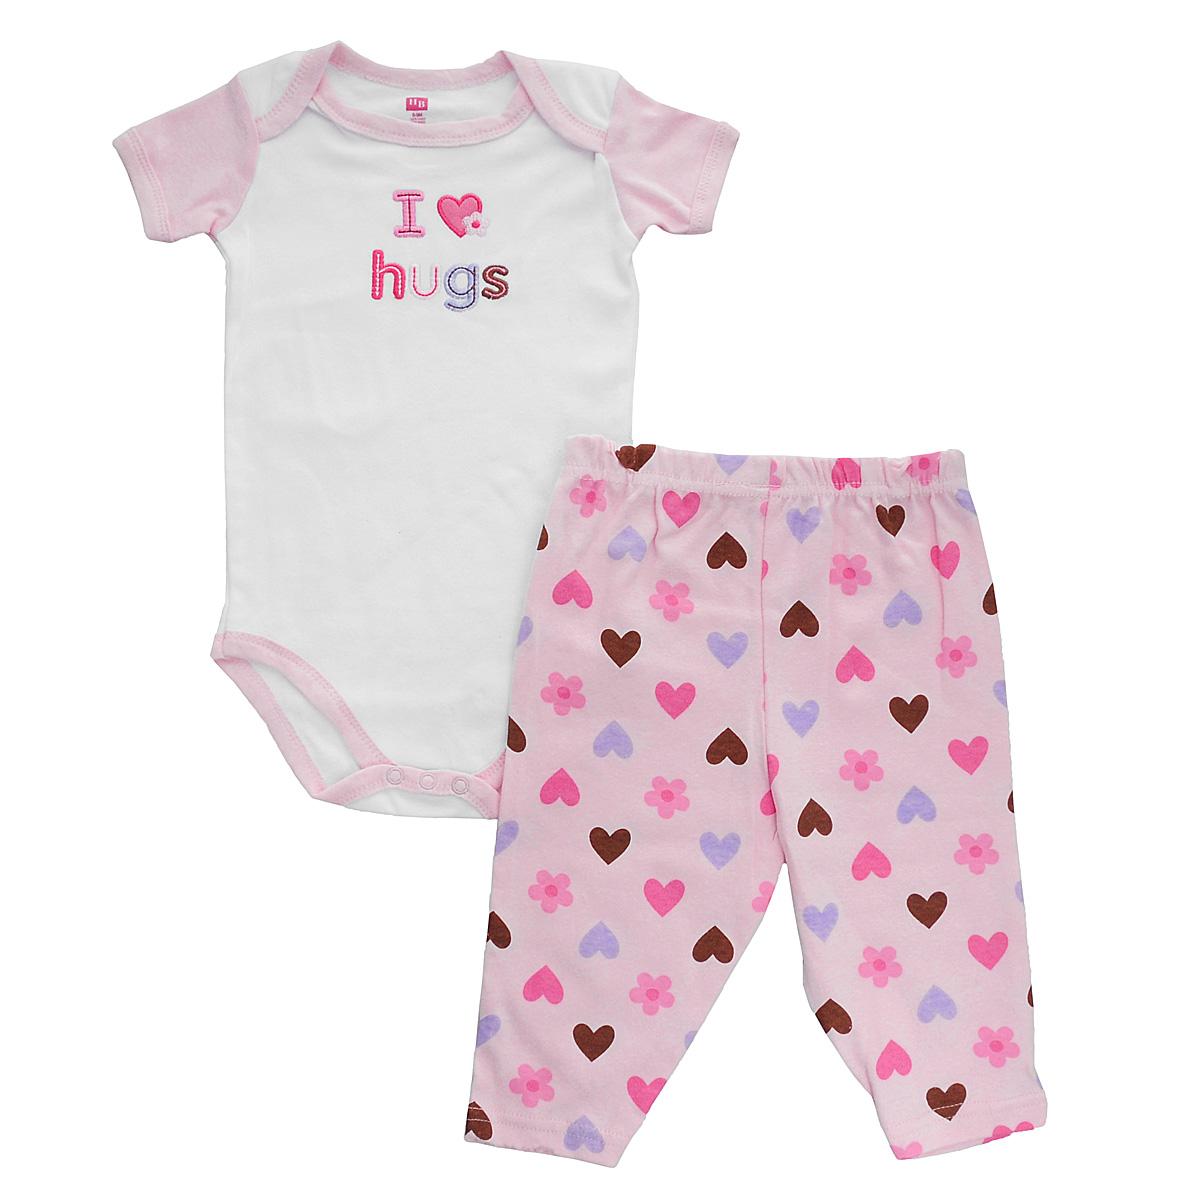 Комплект для девочки Hudson Baby Пирожное: боди, штанишки, цвет: розовый, белый. 50350. Размер 67/72, 6-9 месяцев боди и песочники hudson baby боди собачка 3 шт